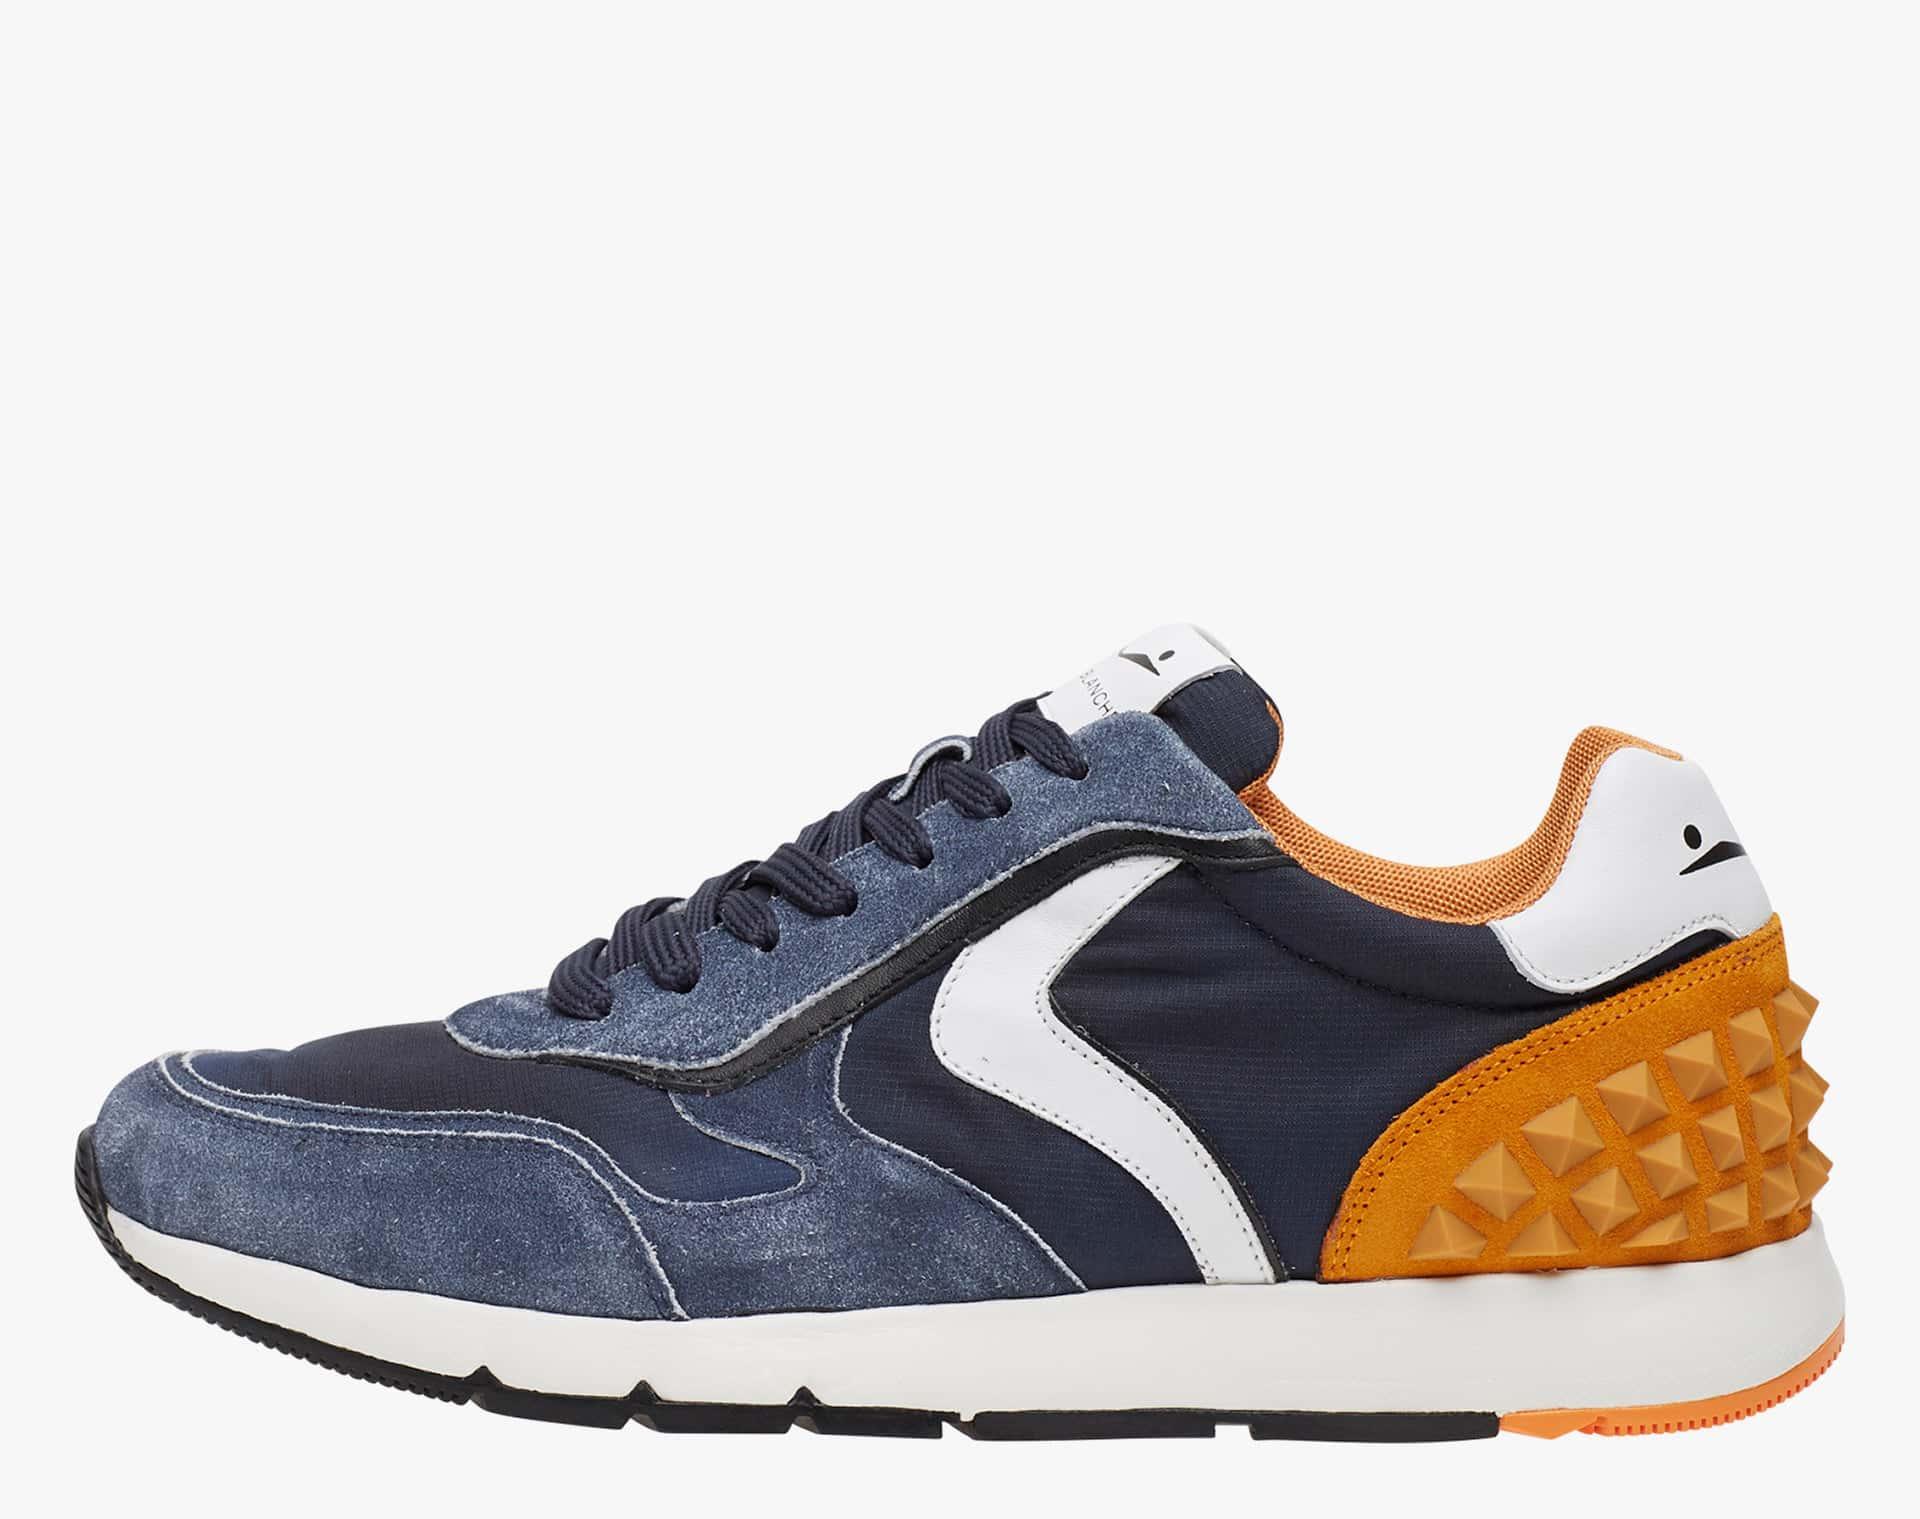 REUBENT STUDS - Sneaker in suede e tessuto tecnico con studs   - Blu